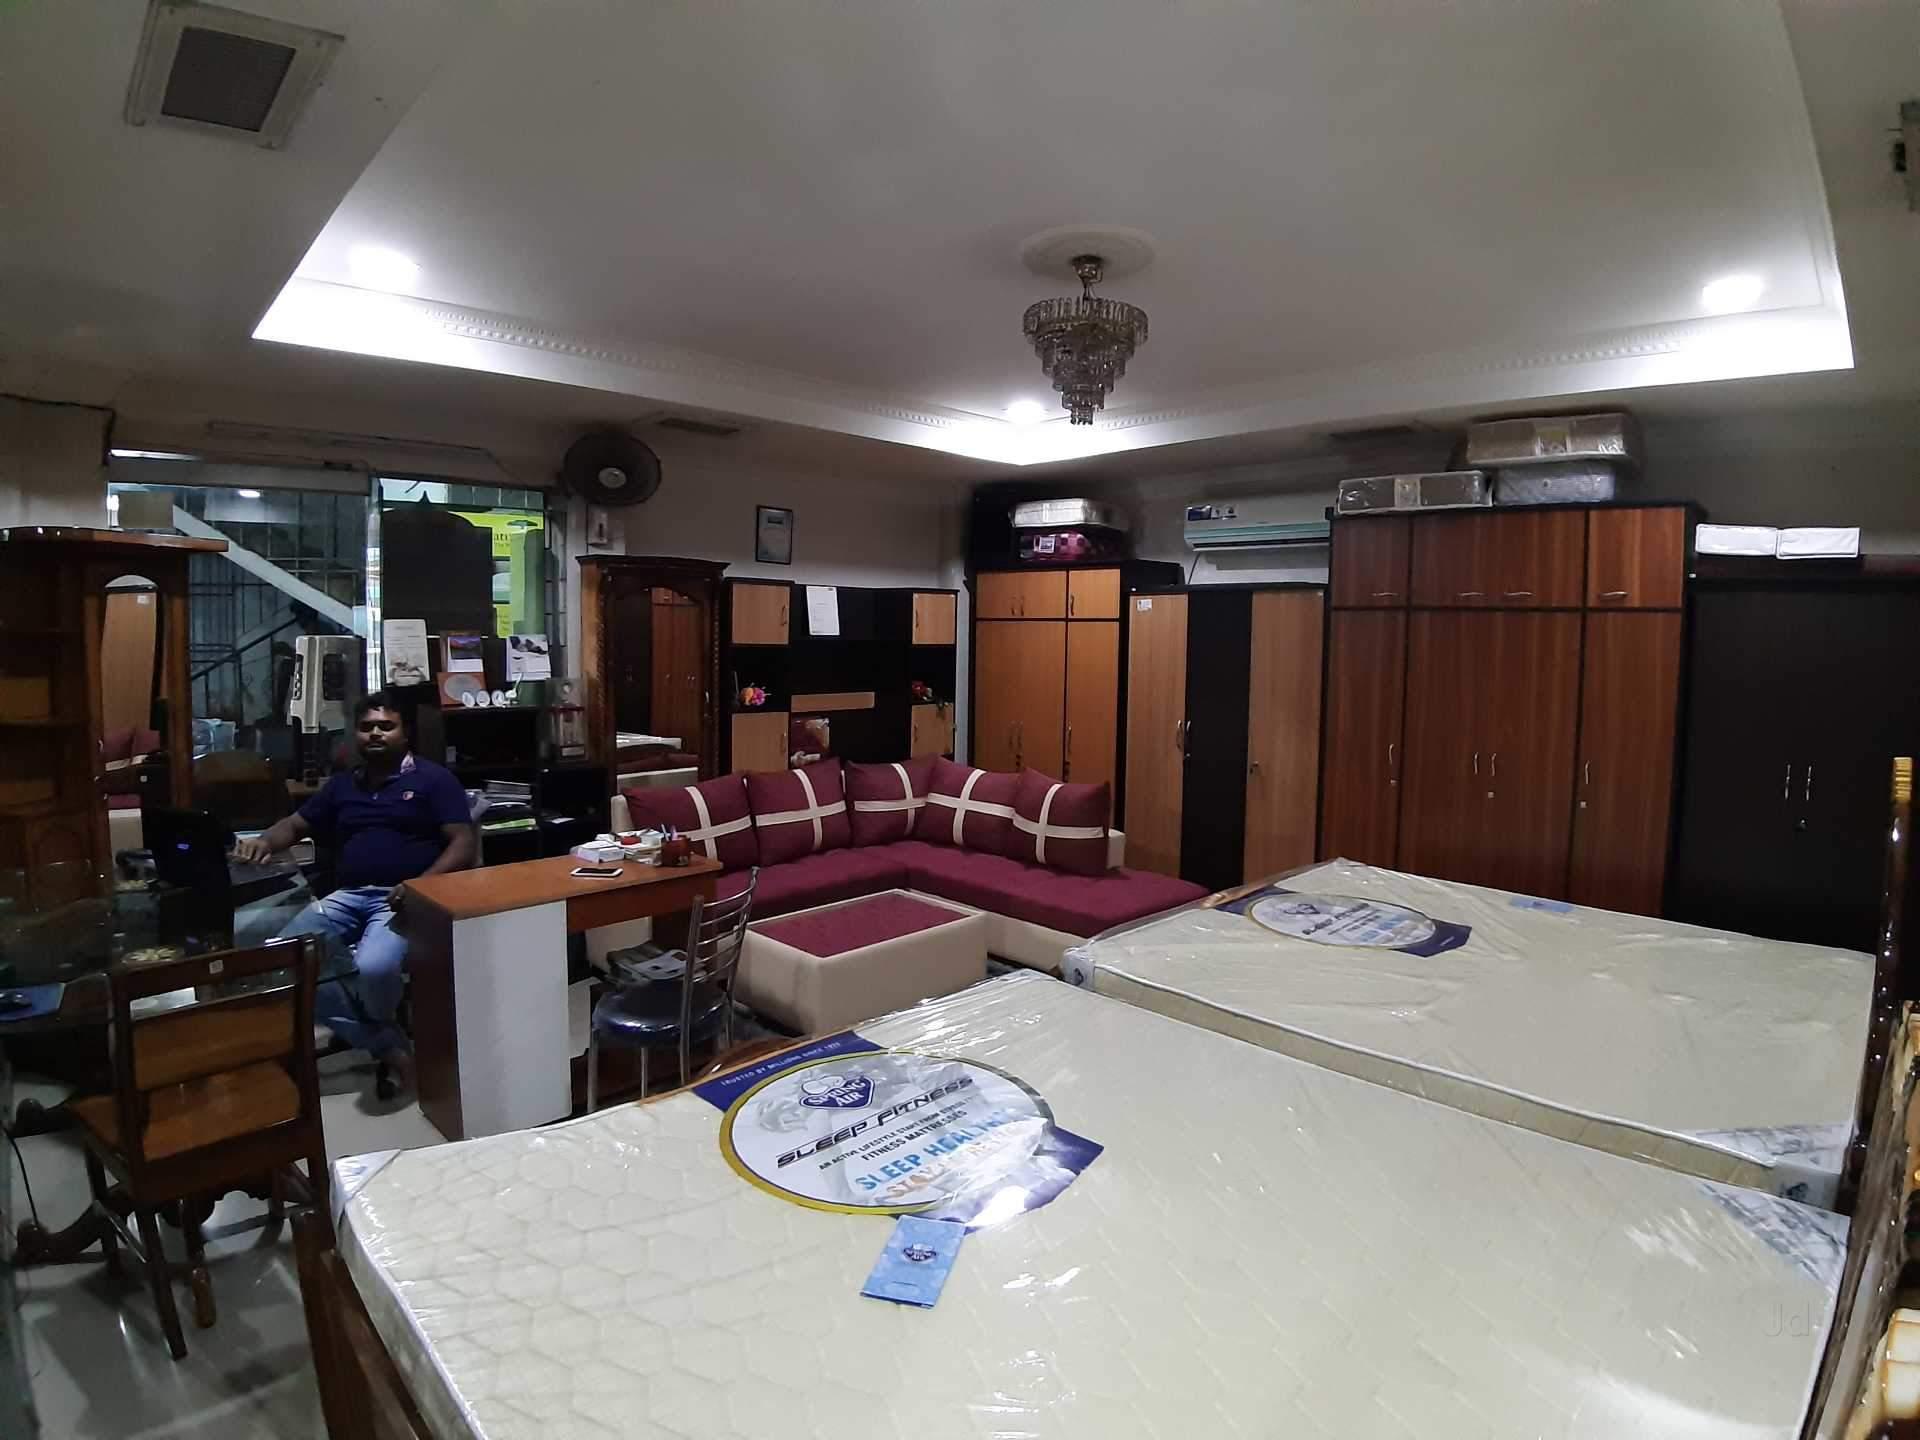 Top Zuari Furniture Dealers in New Jalpaiguri - Best Zuari